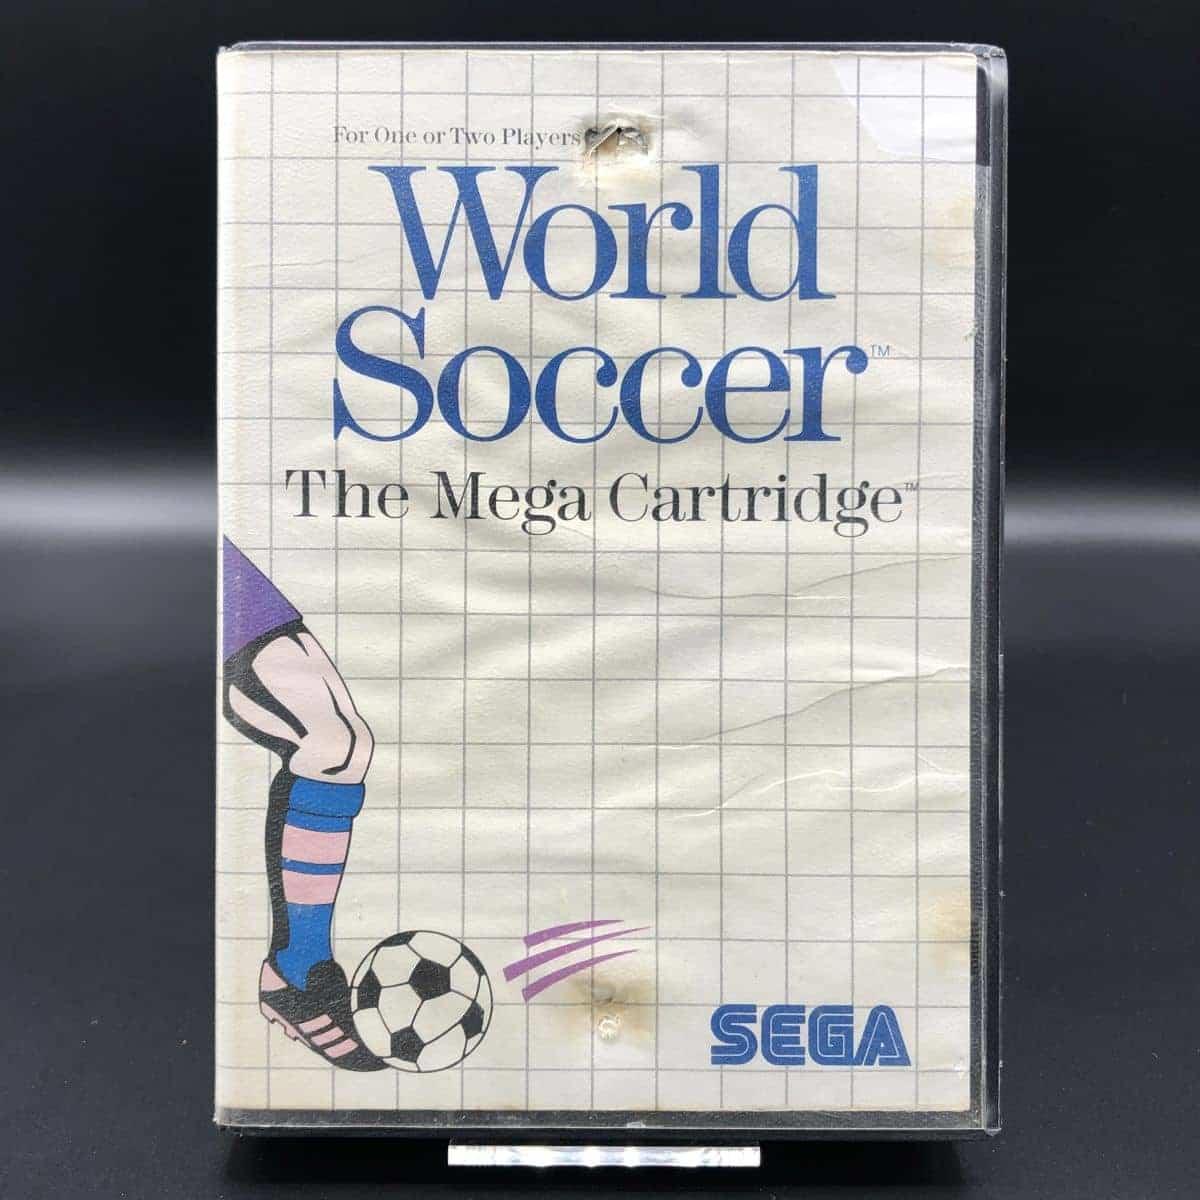 World Soccer (Komplett) (Gebrauchsspuren) Sega Master System